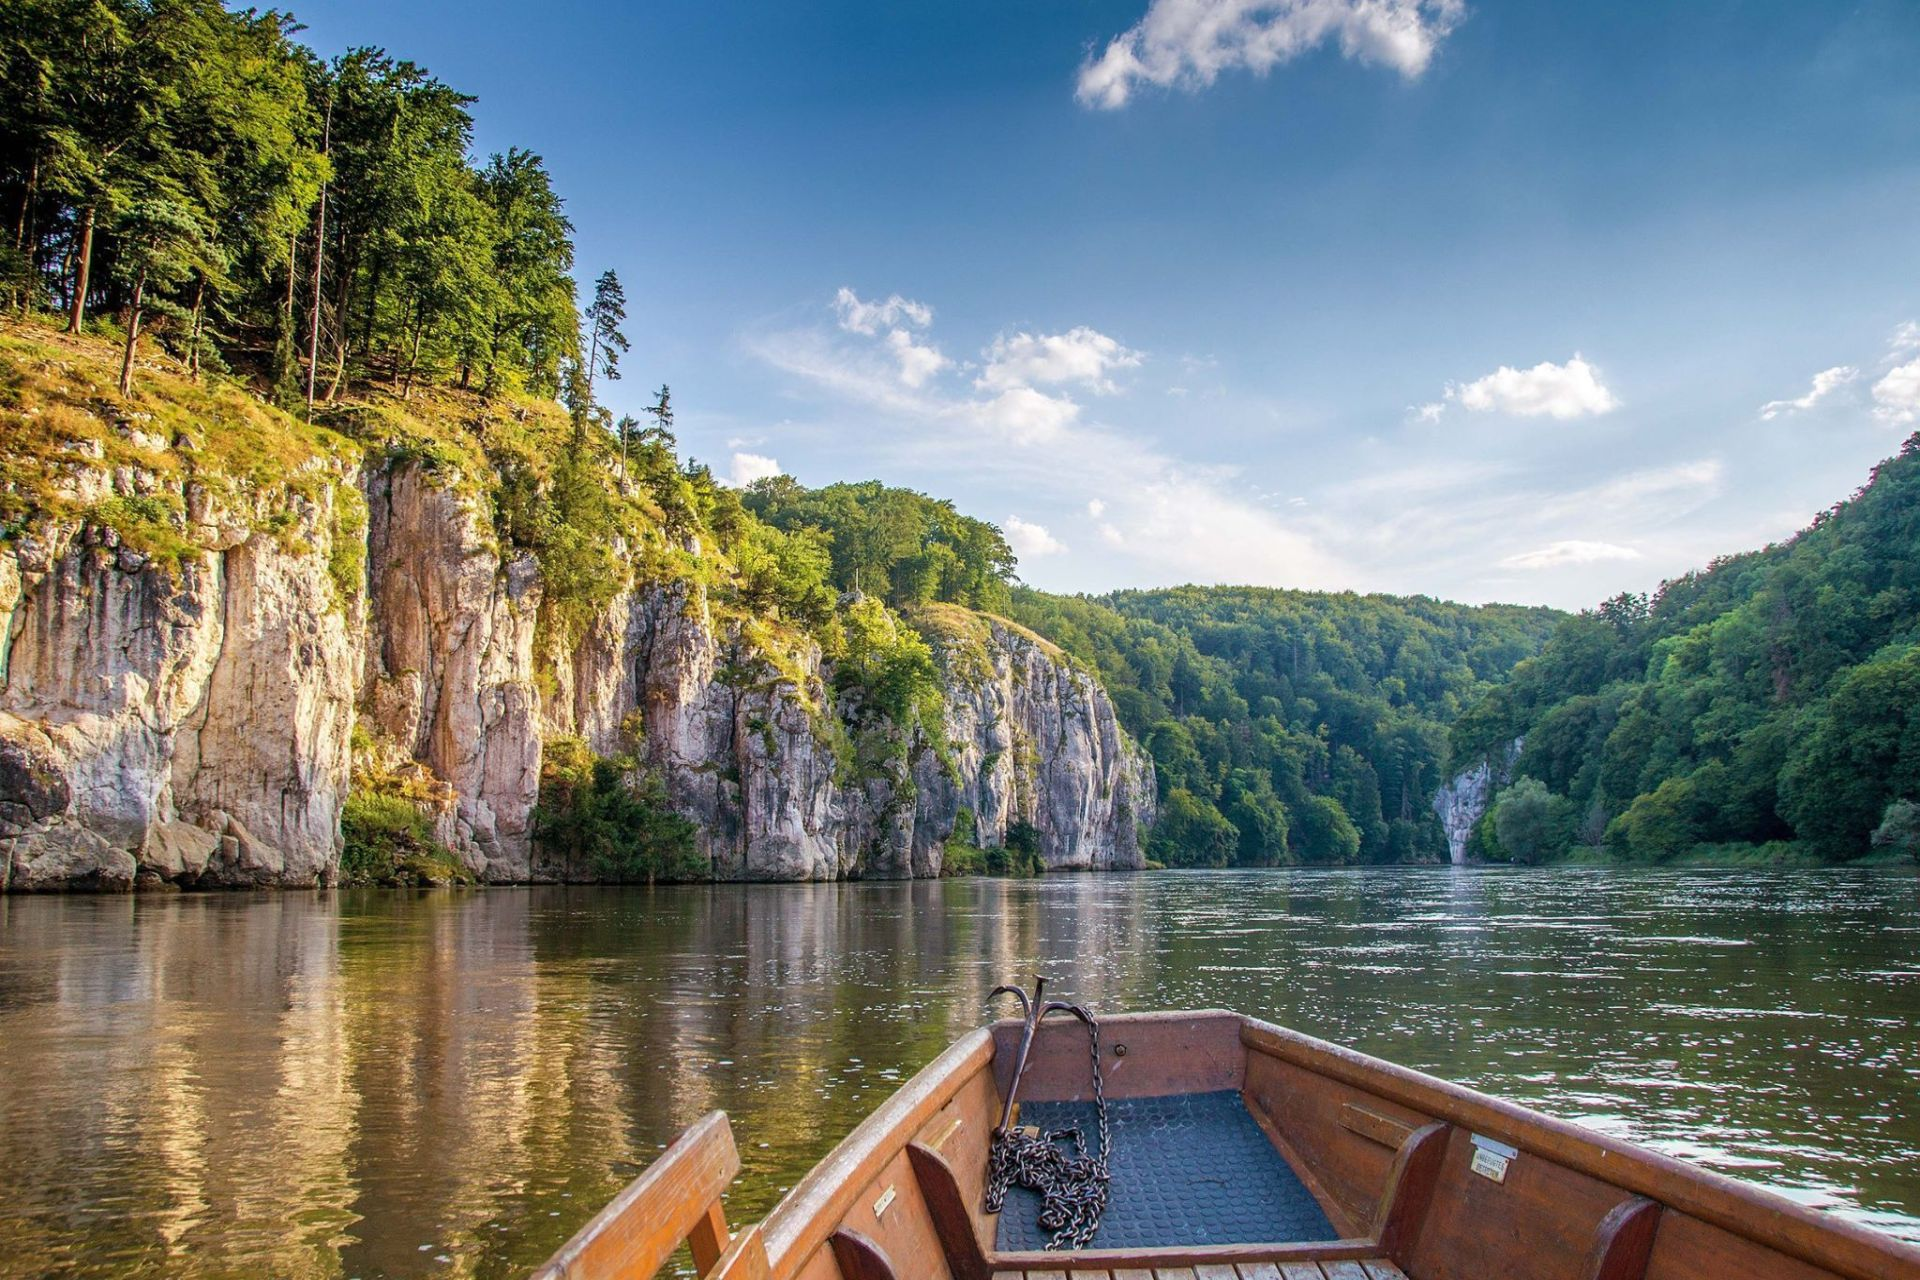 Am Donaudurchbruch in der Weltenburger Enge bei Kelheim